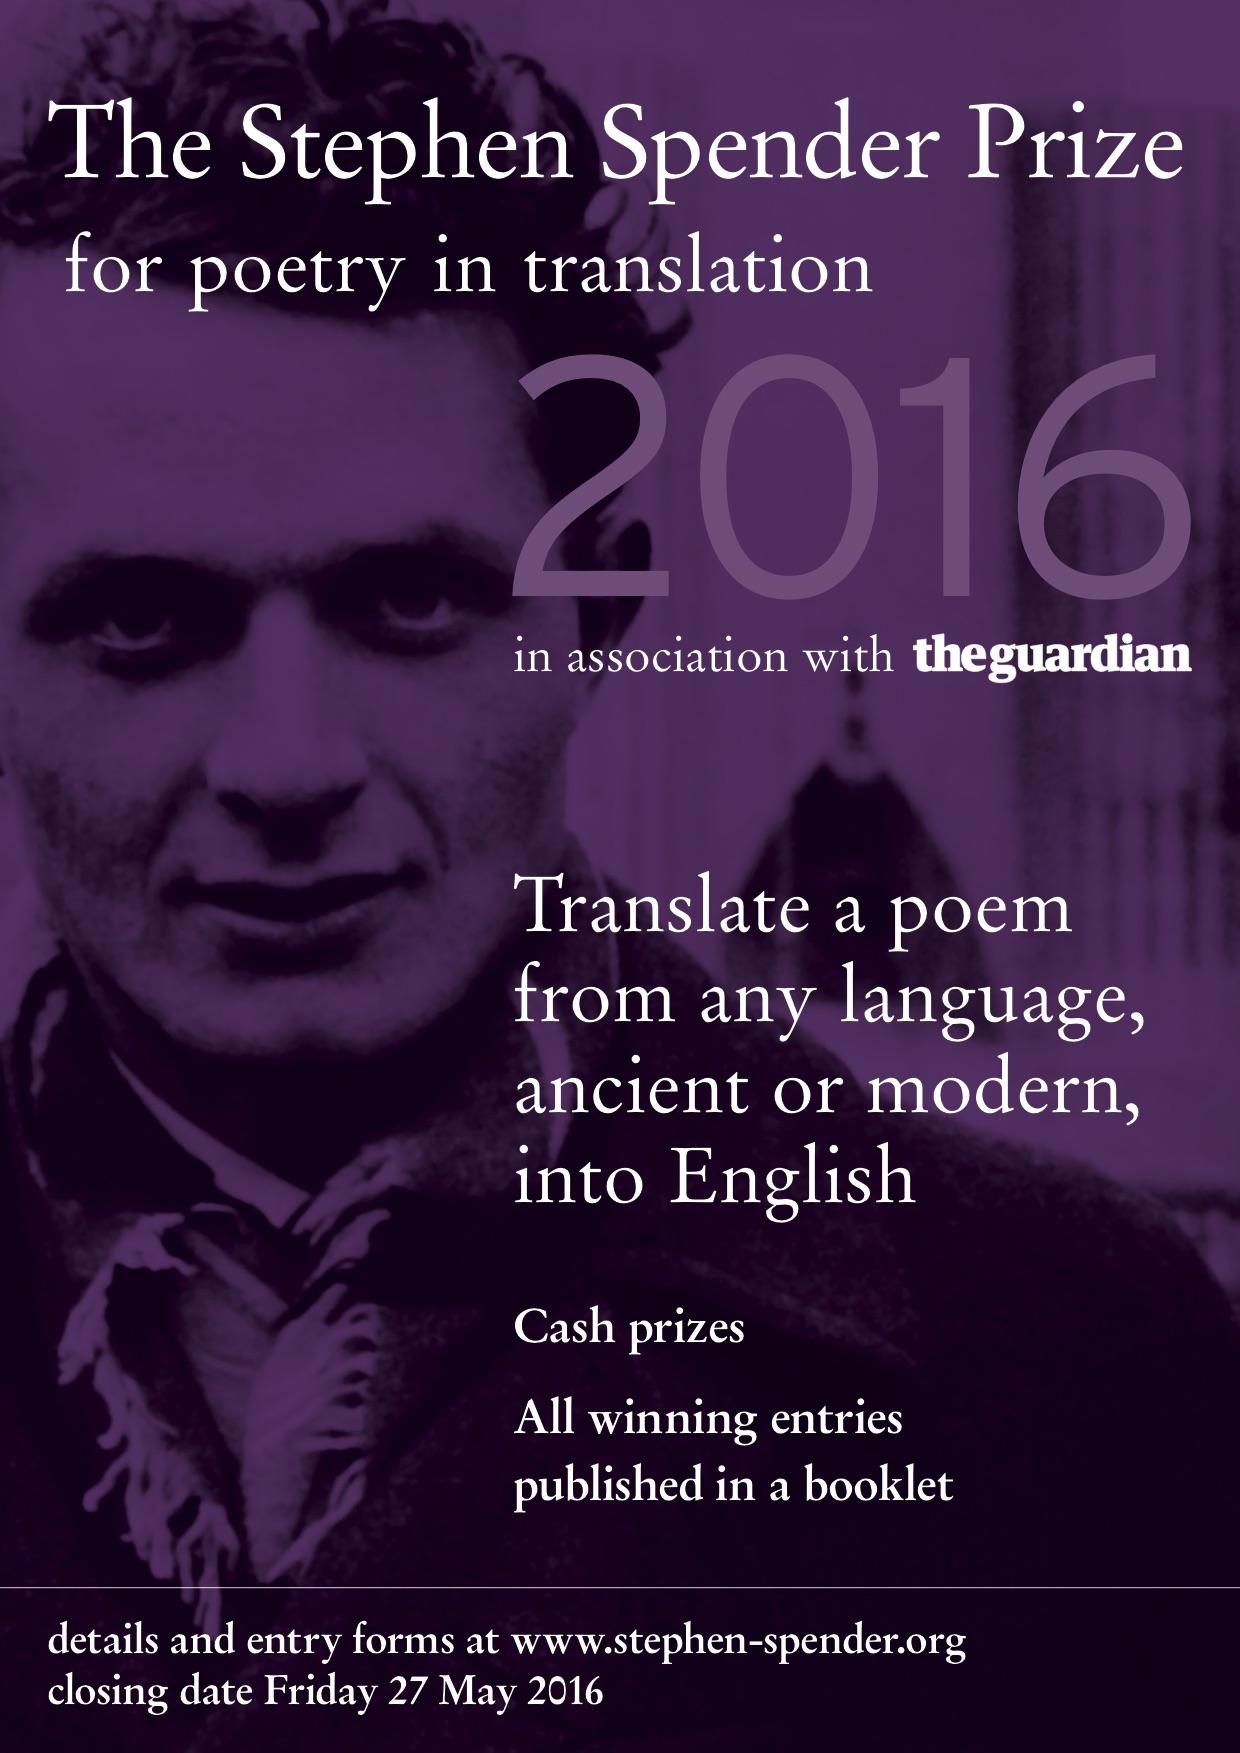 Stephen Spender translation prize 2016